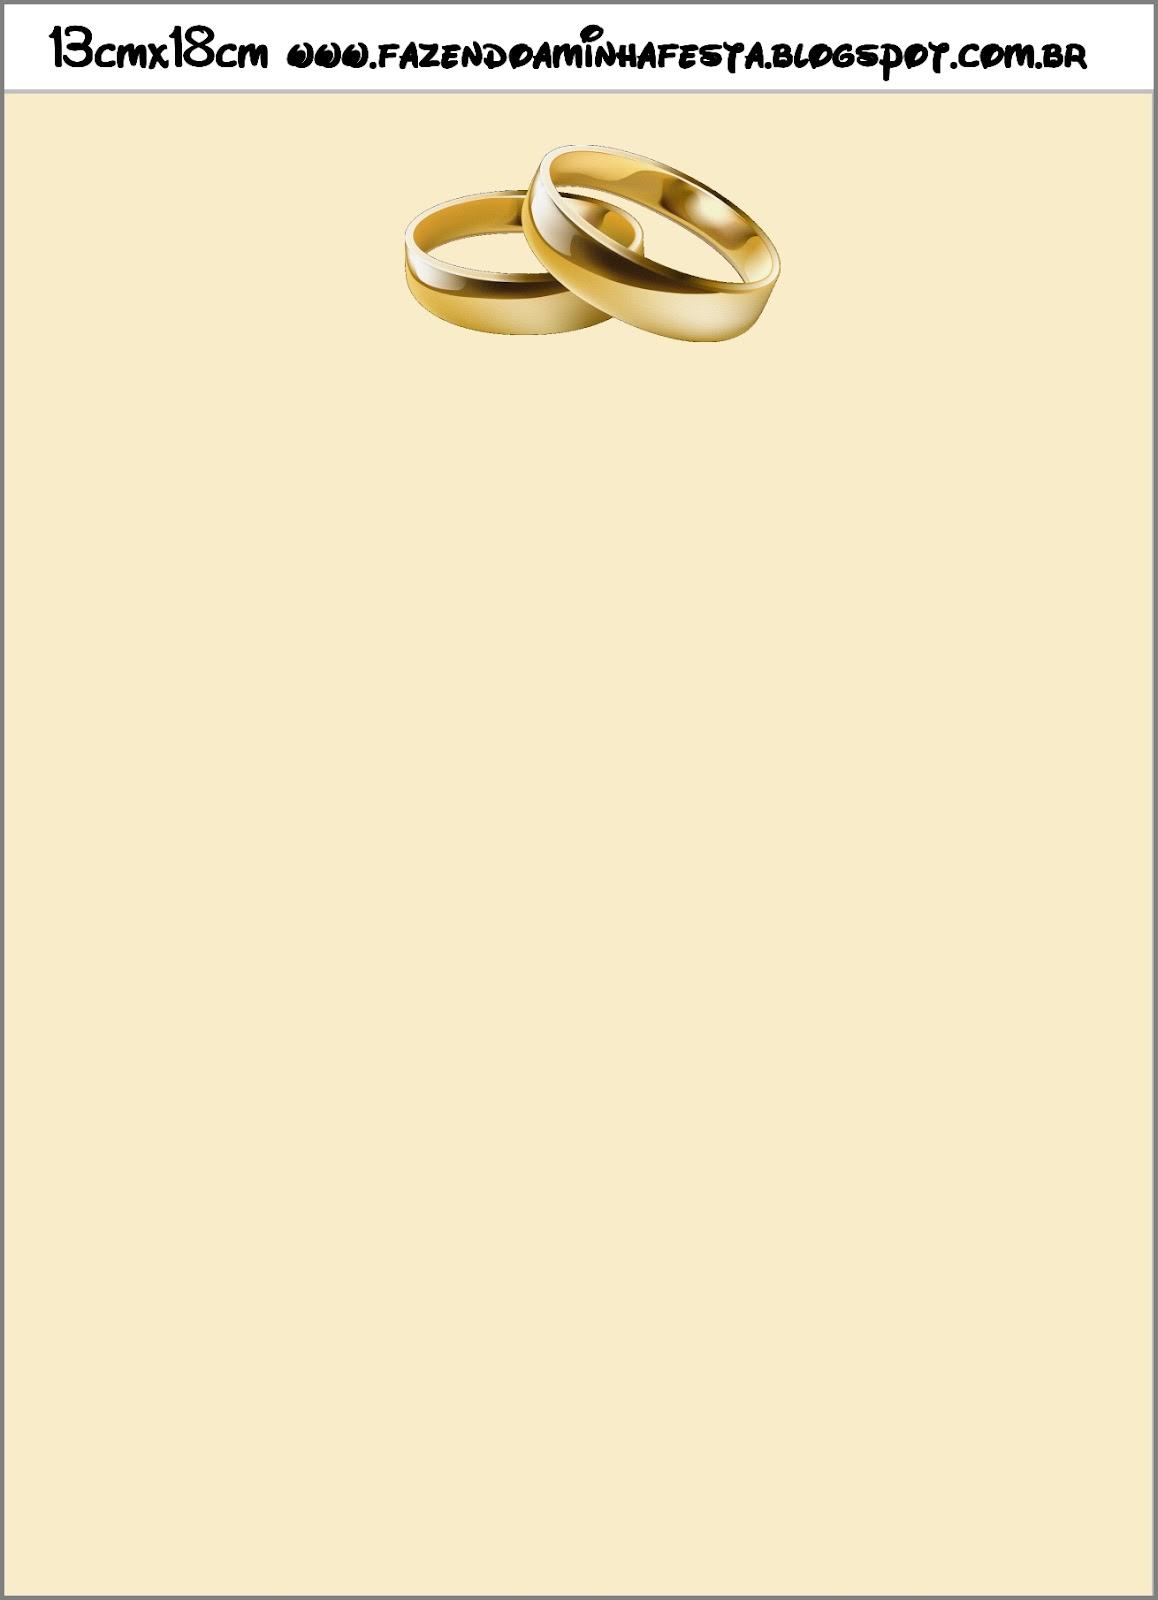 convite de noivado : Envelopes De Convite De Noivado Garden